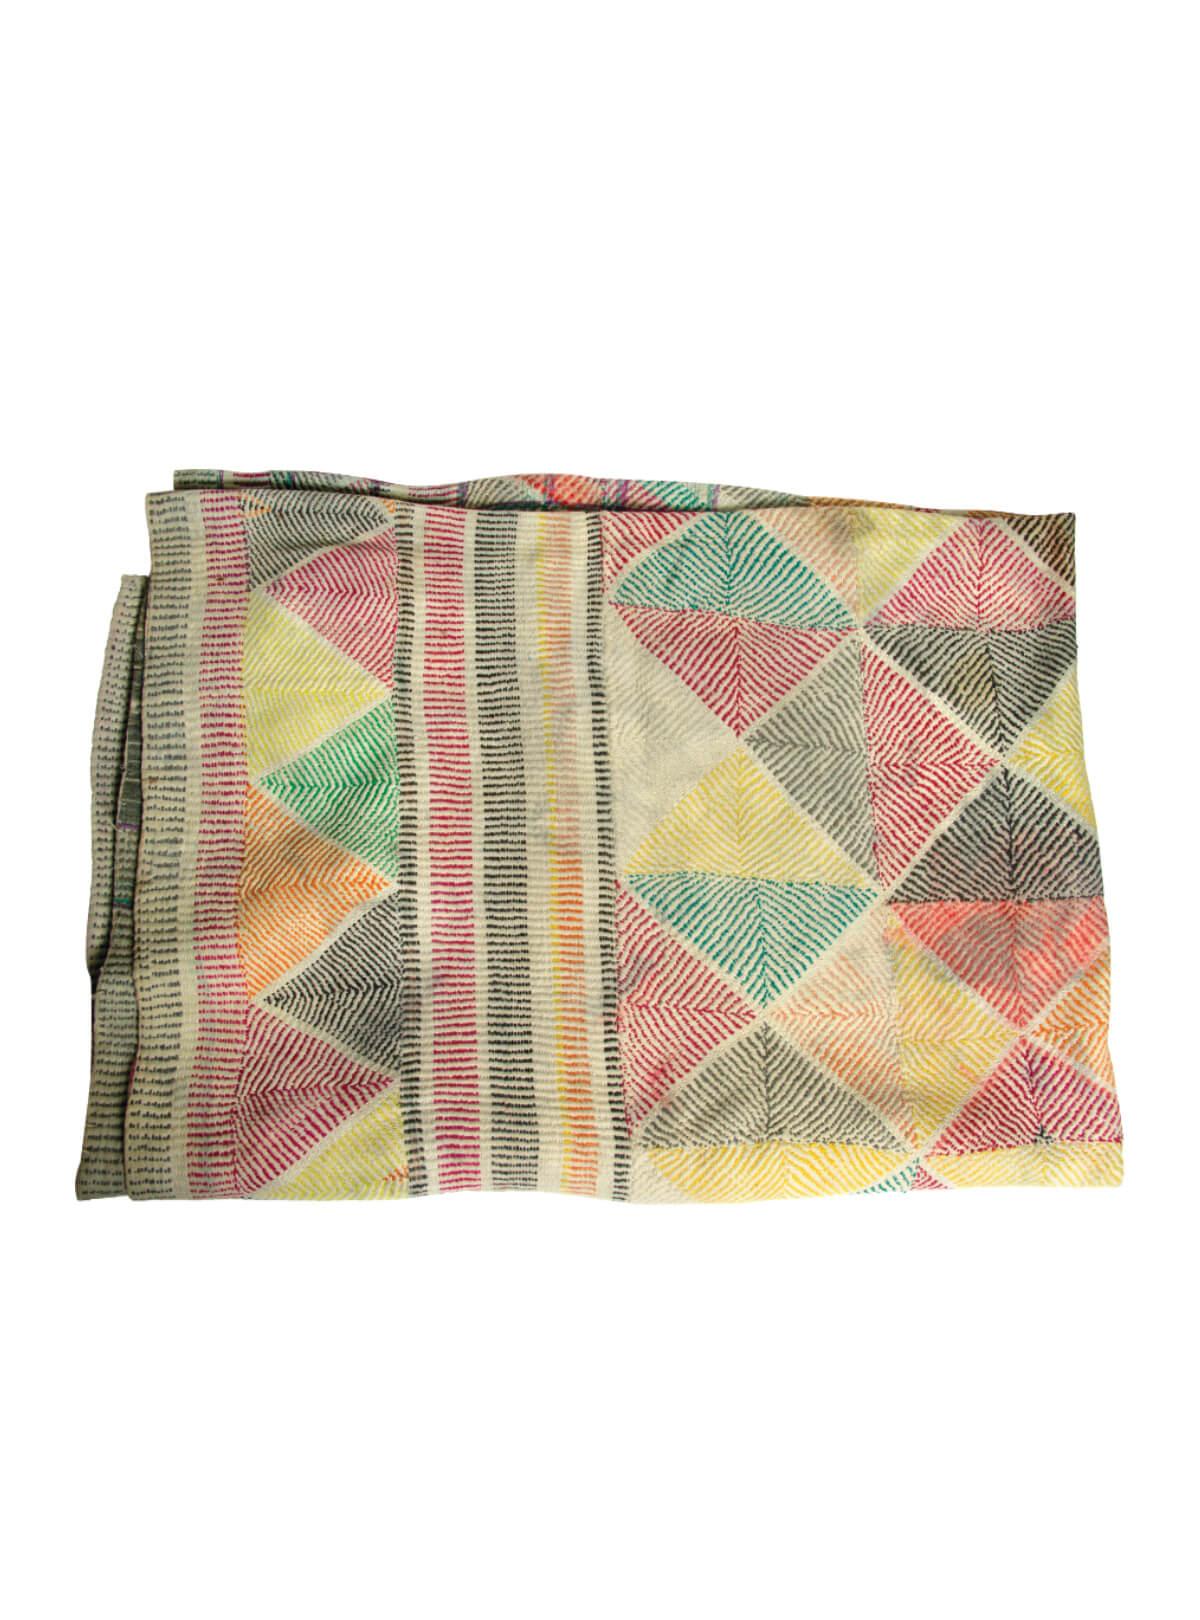 Multi-color Cotton Nakshi Kantha